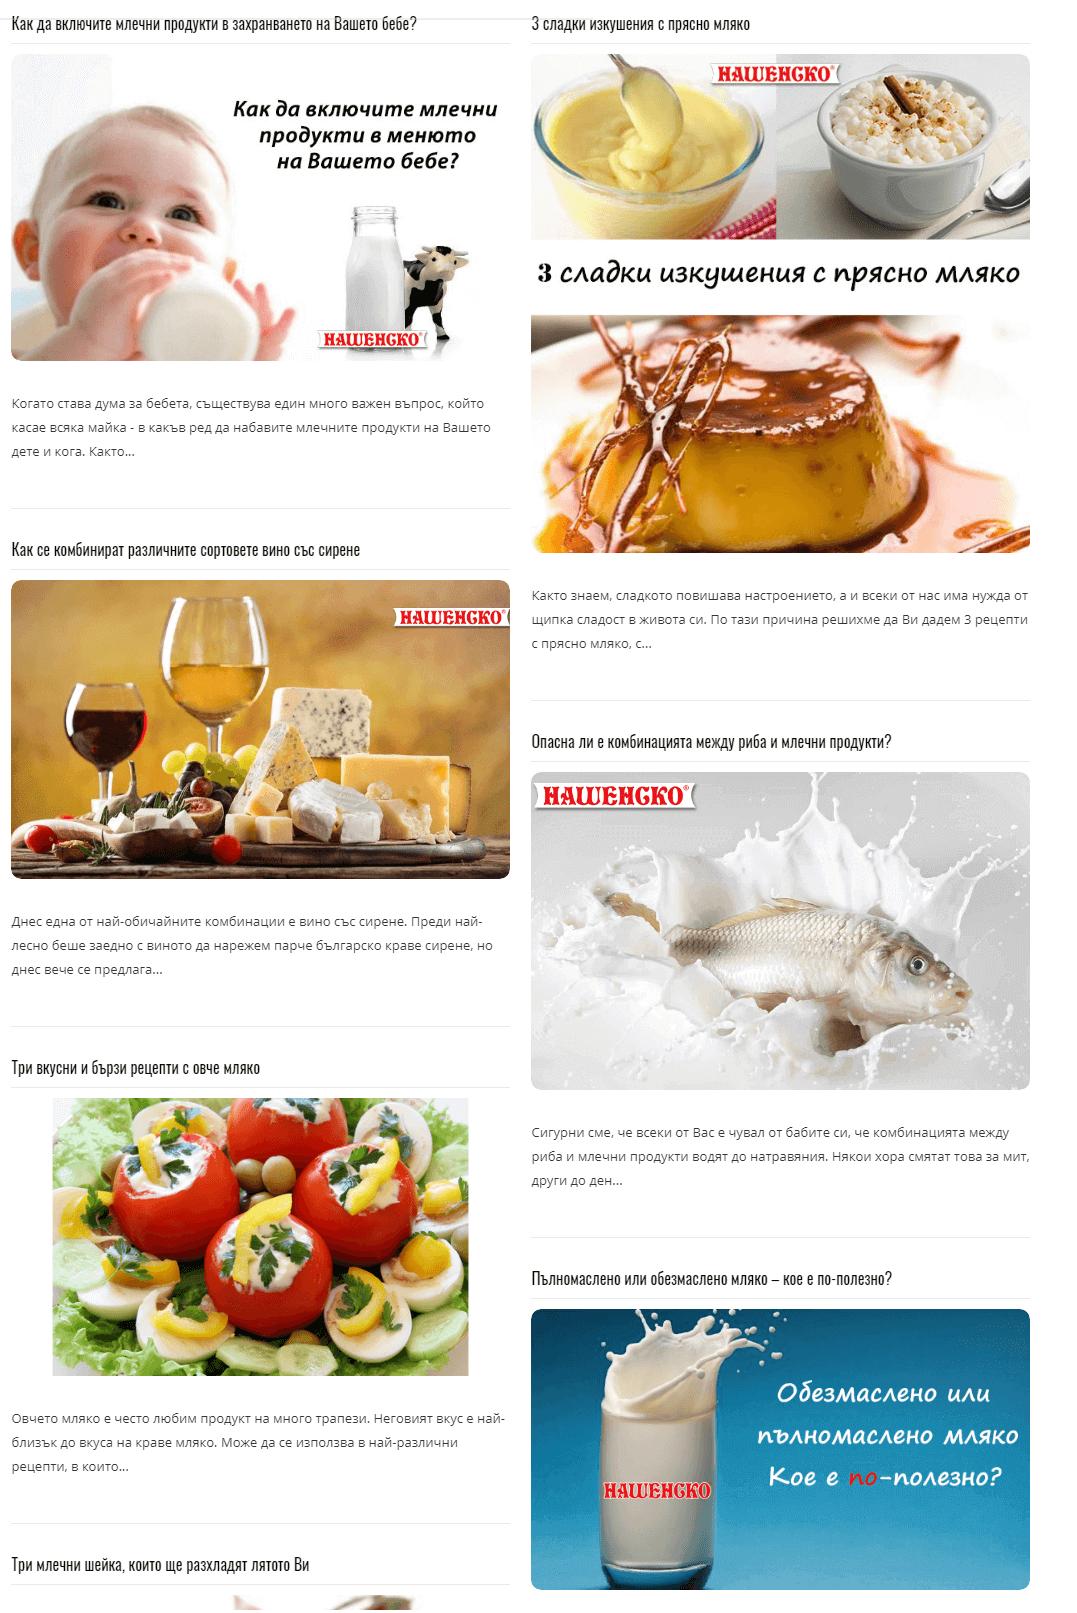 Рецепти за готвене онлайн маркетинг стратегии